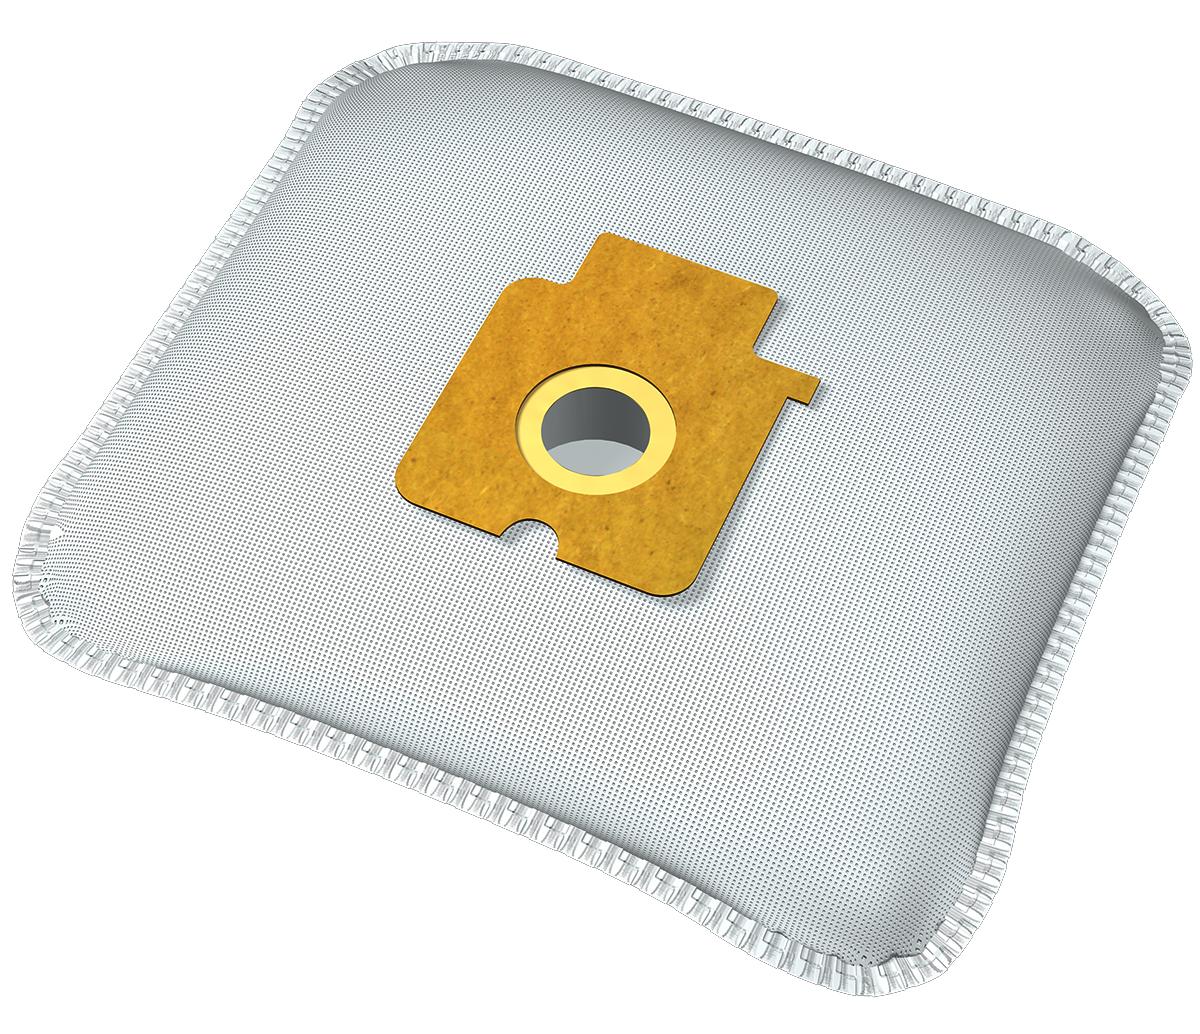 20 Staubsaugerbeutel Vlies geeignet für Panasonic MC-E 881 MC-E 886 Staubsauger